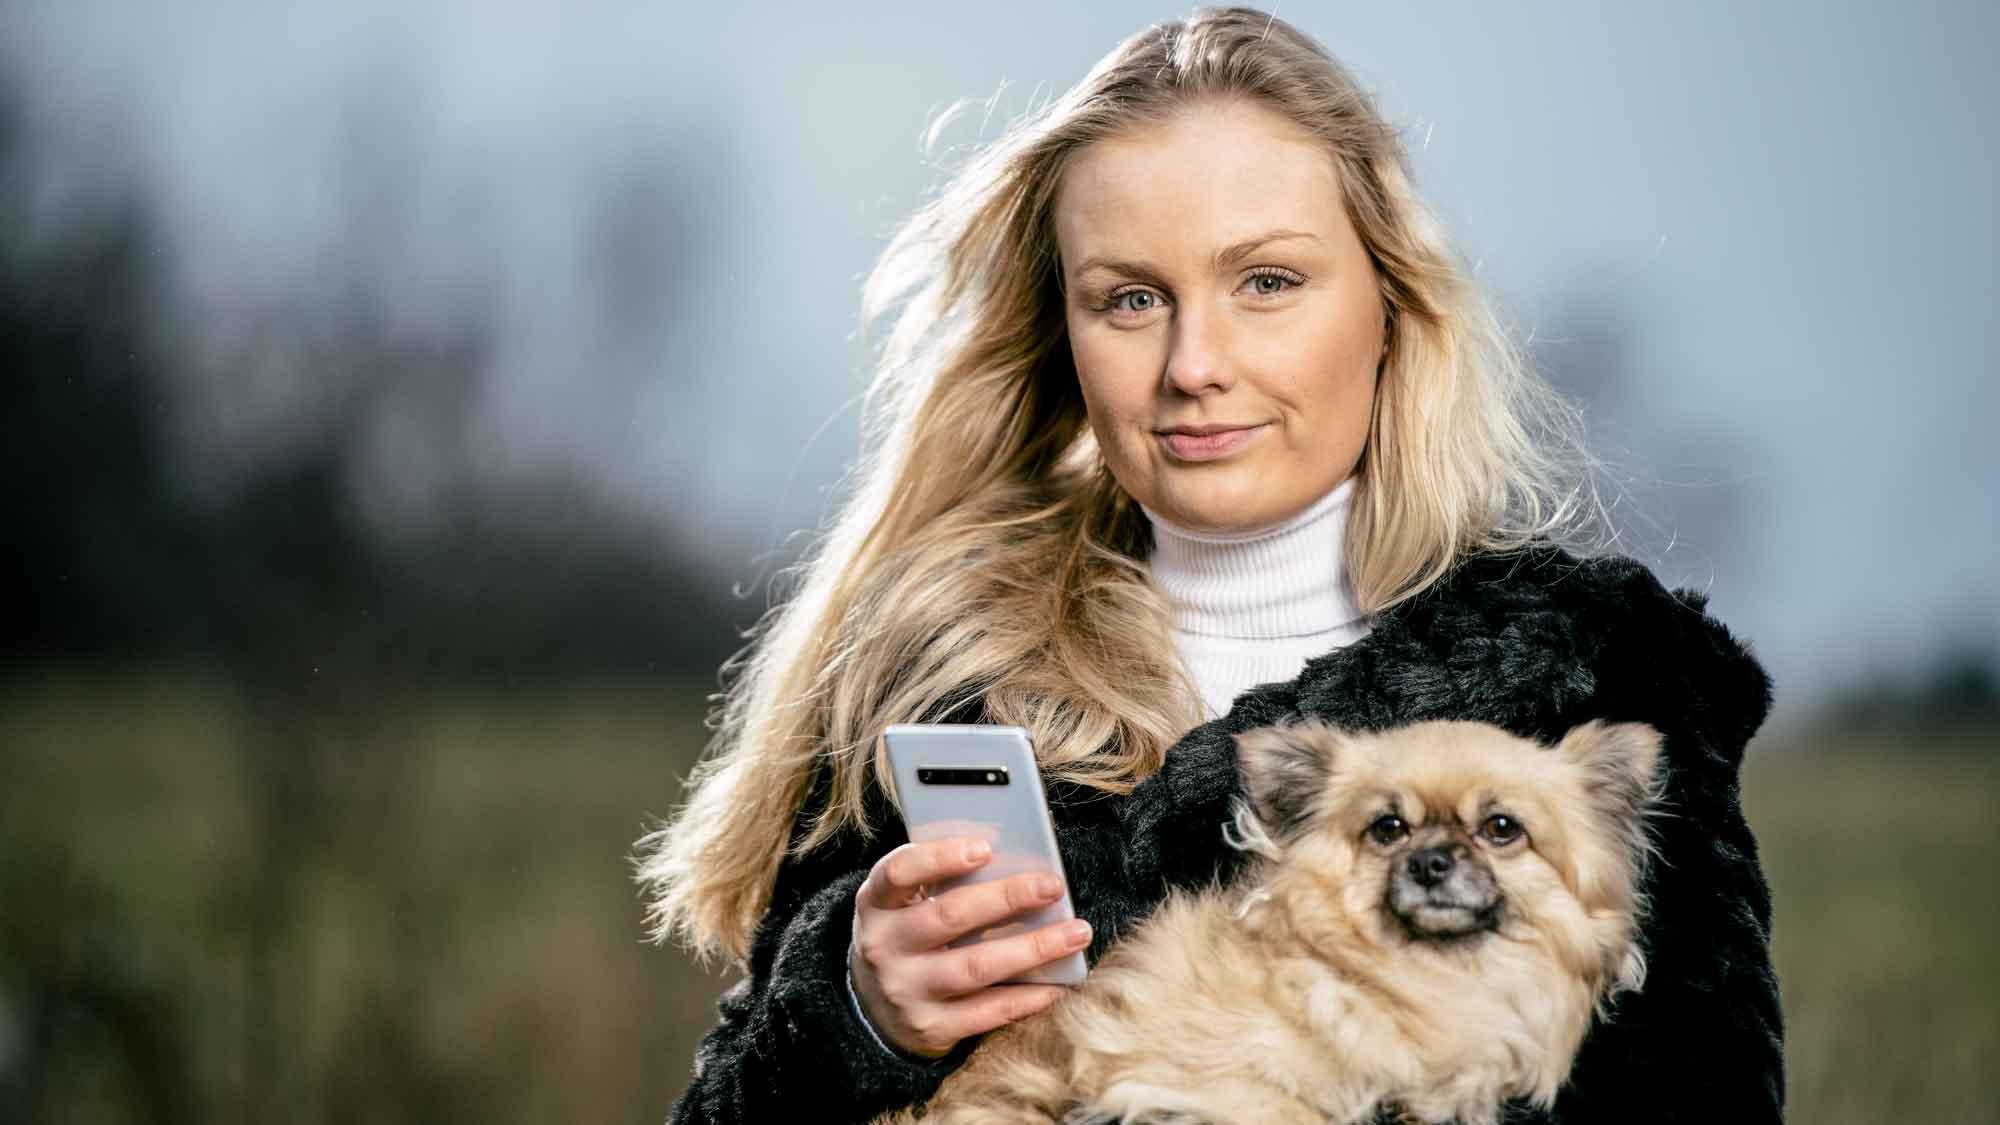 Cornelia Nilsson med sin hund och mobiltelefon